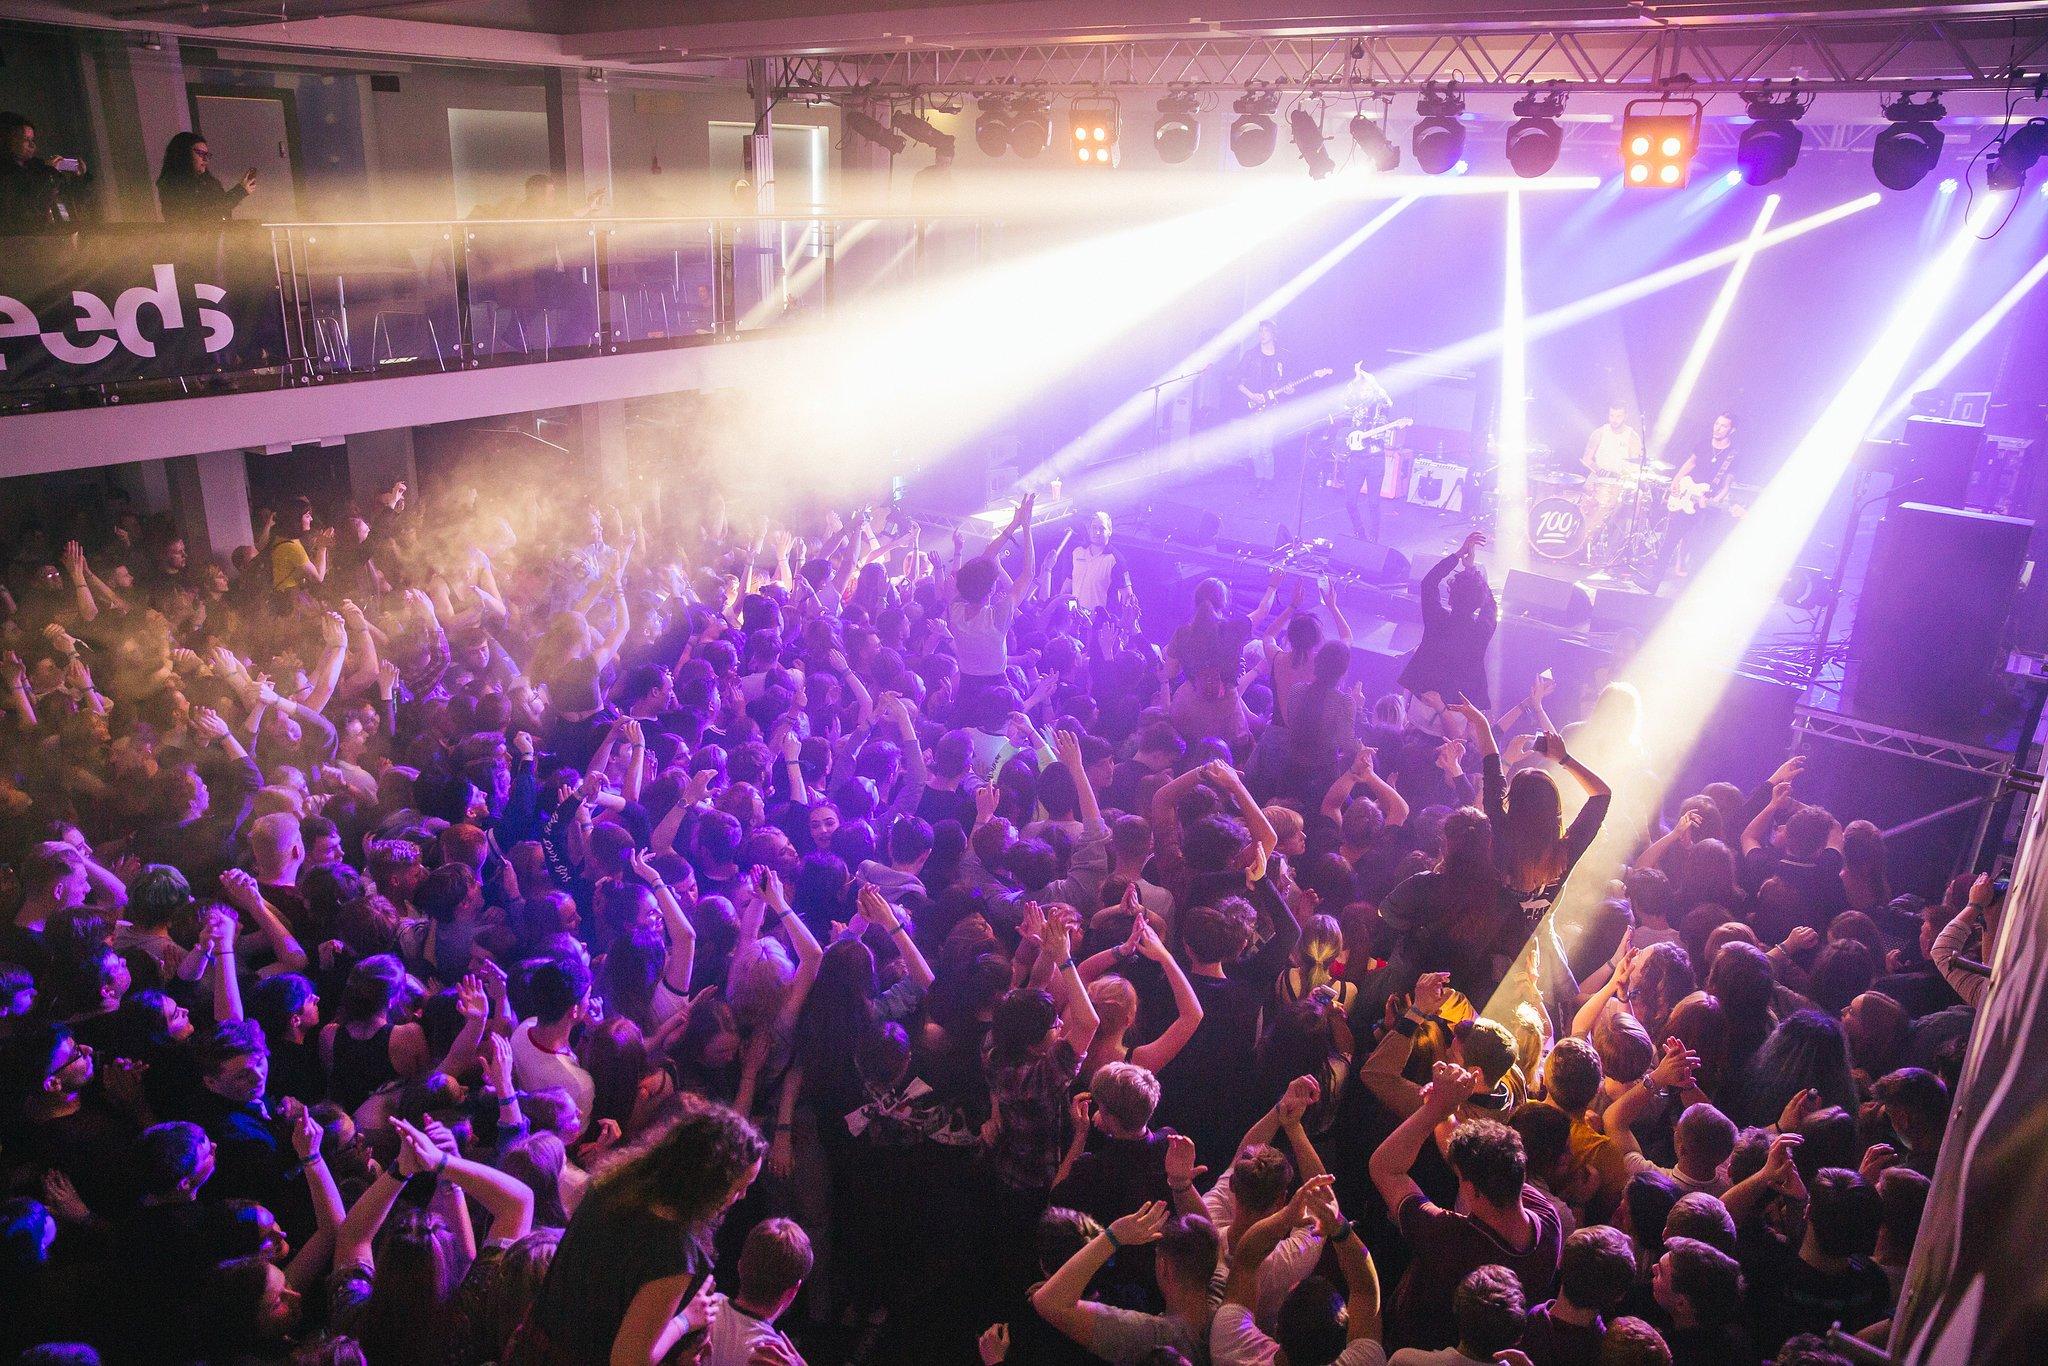 Darts concert in Leeds